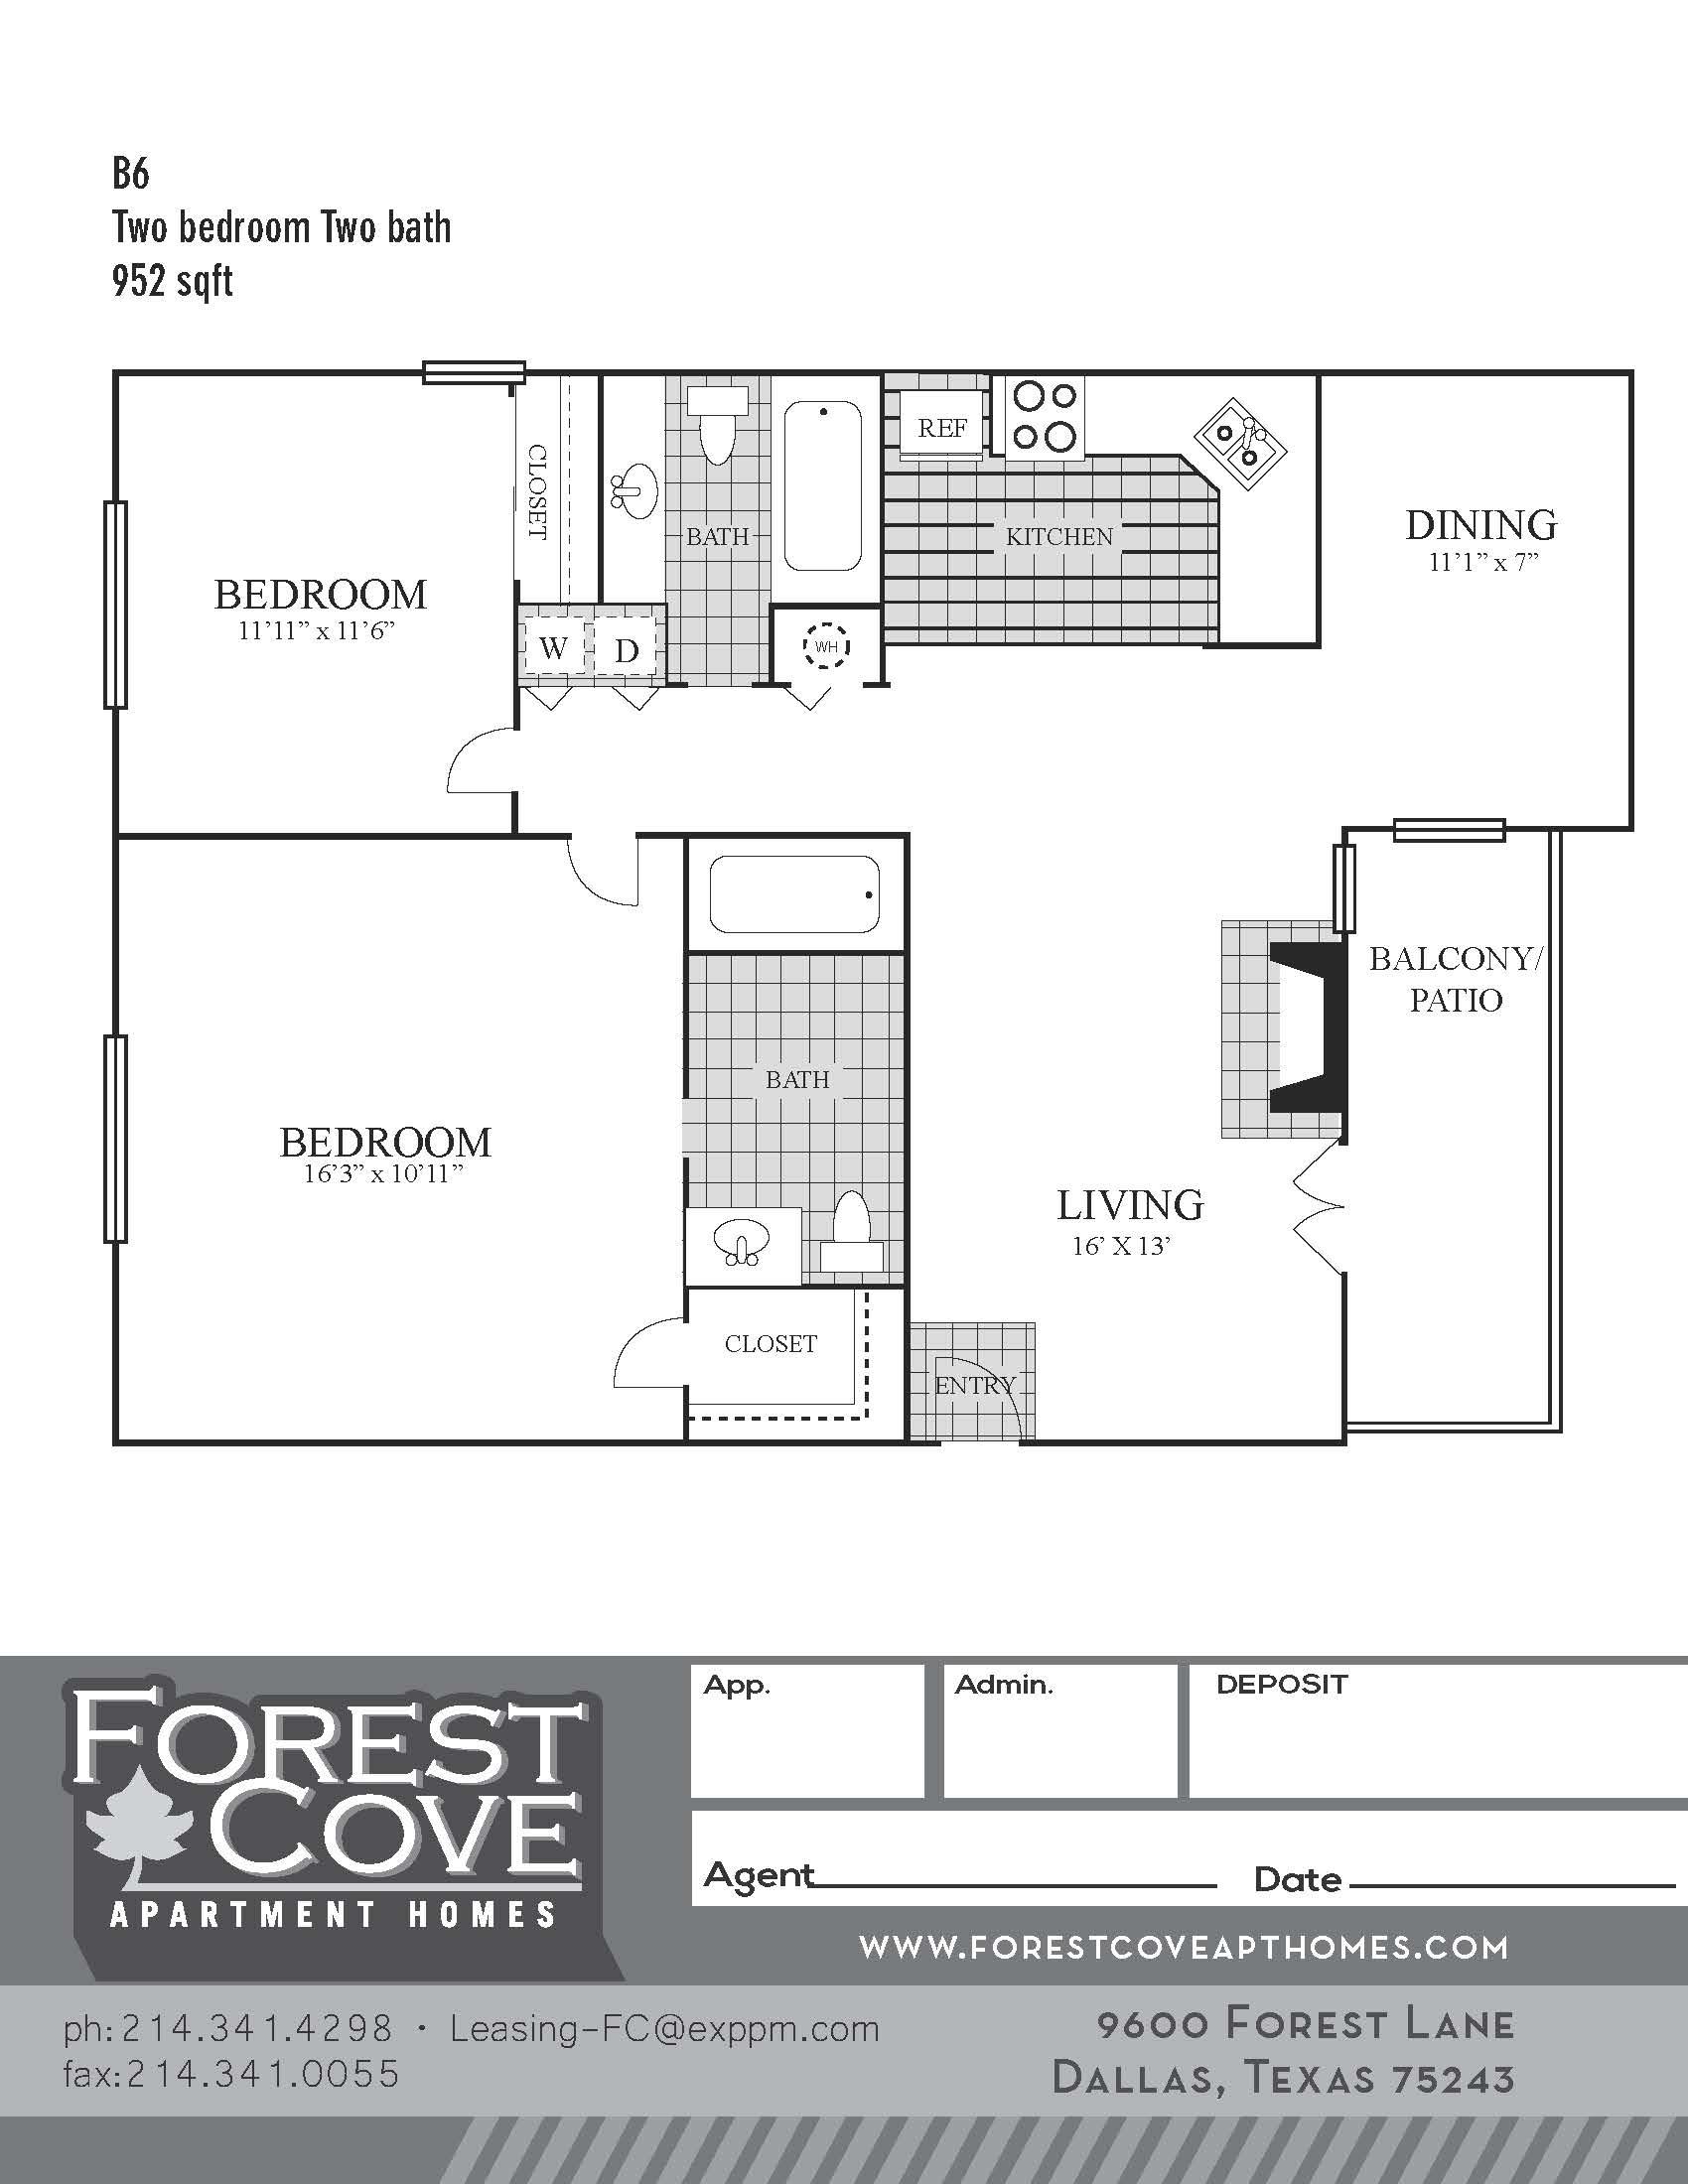 Floorplan - B6 image